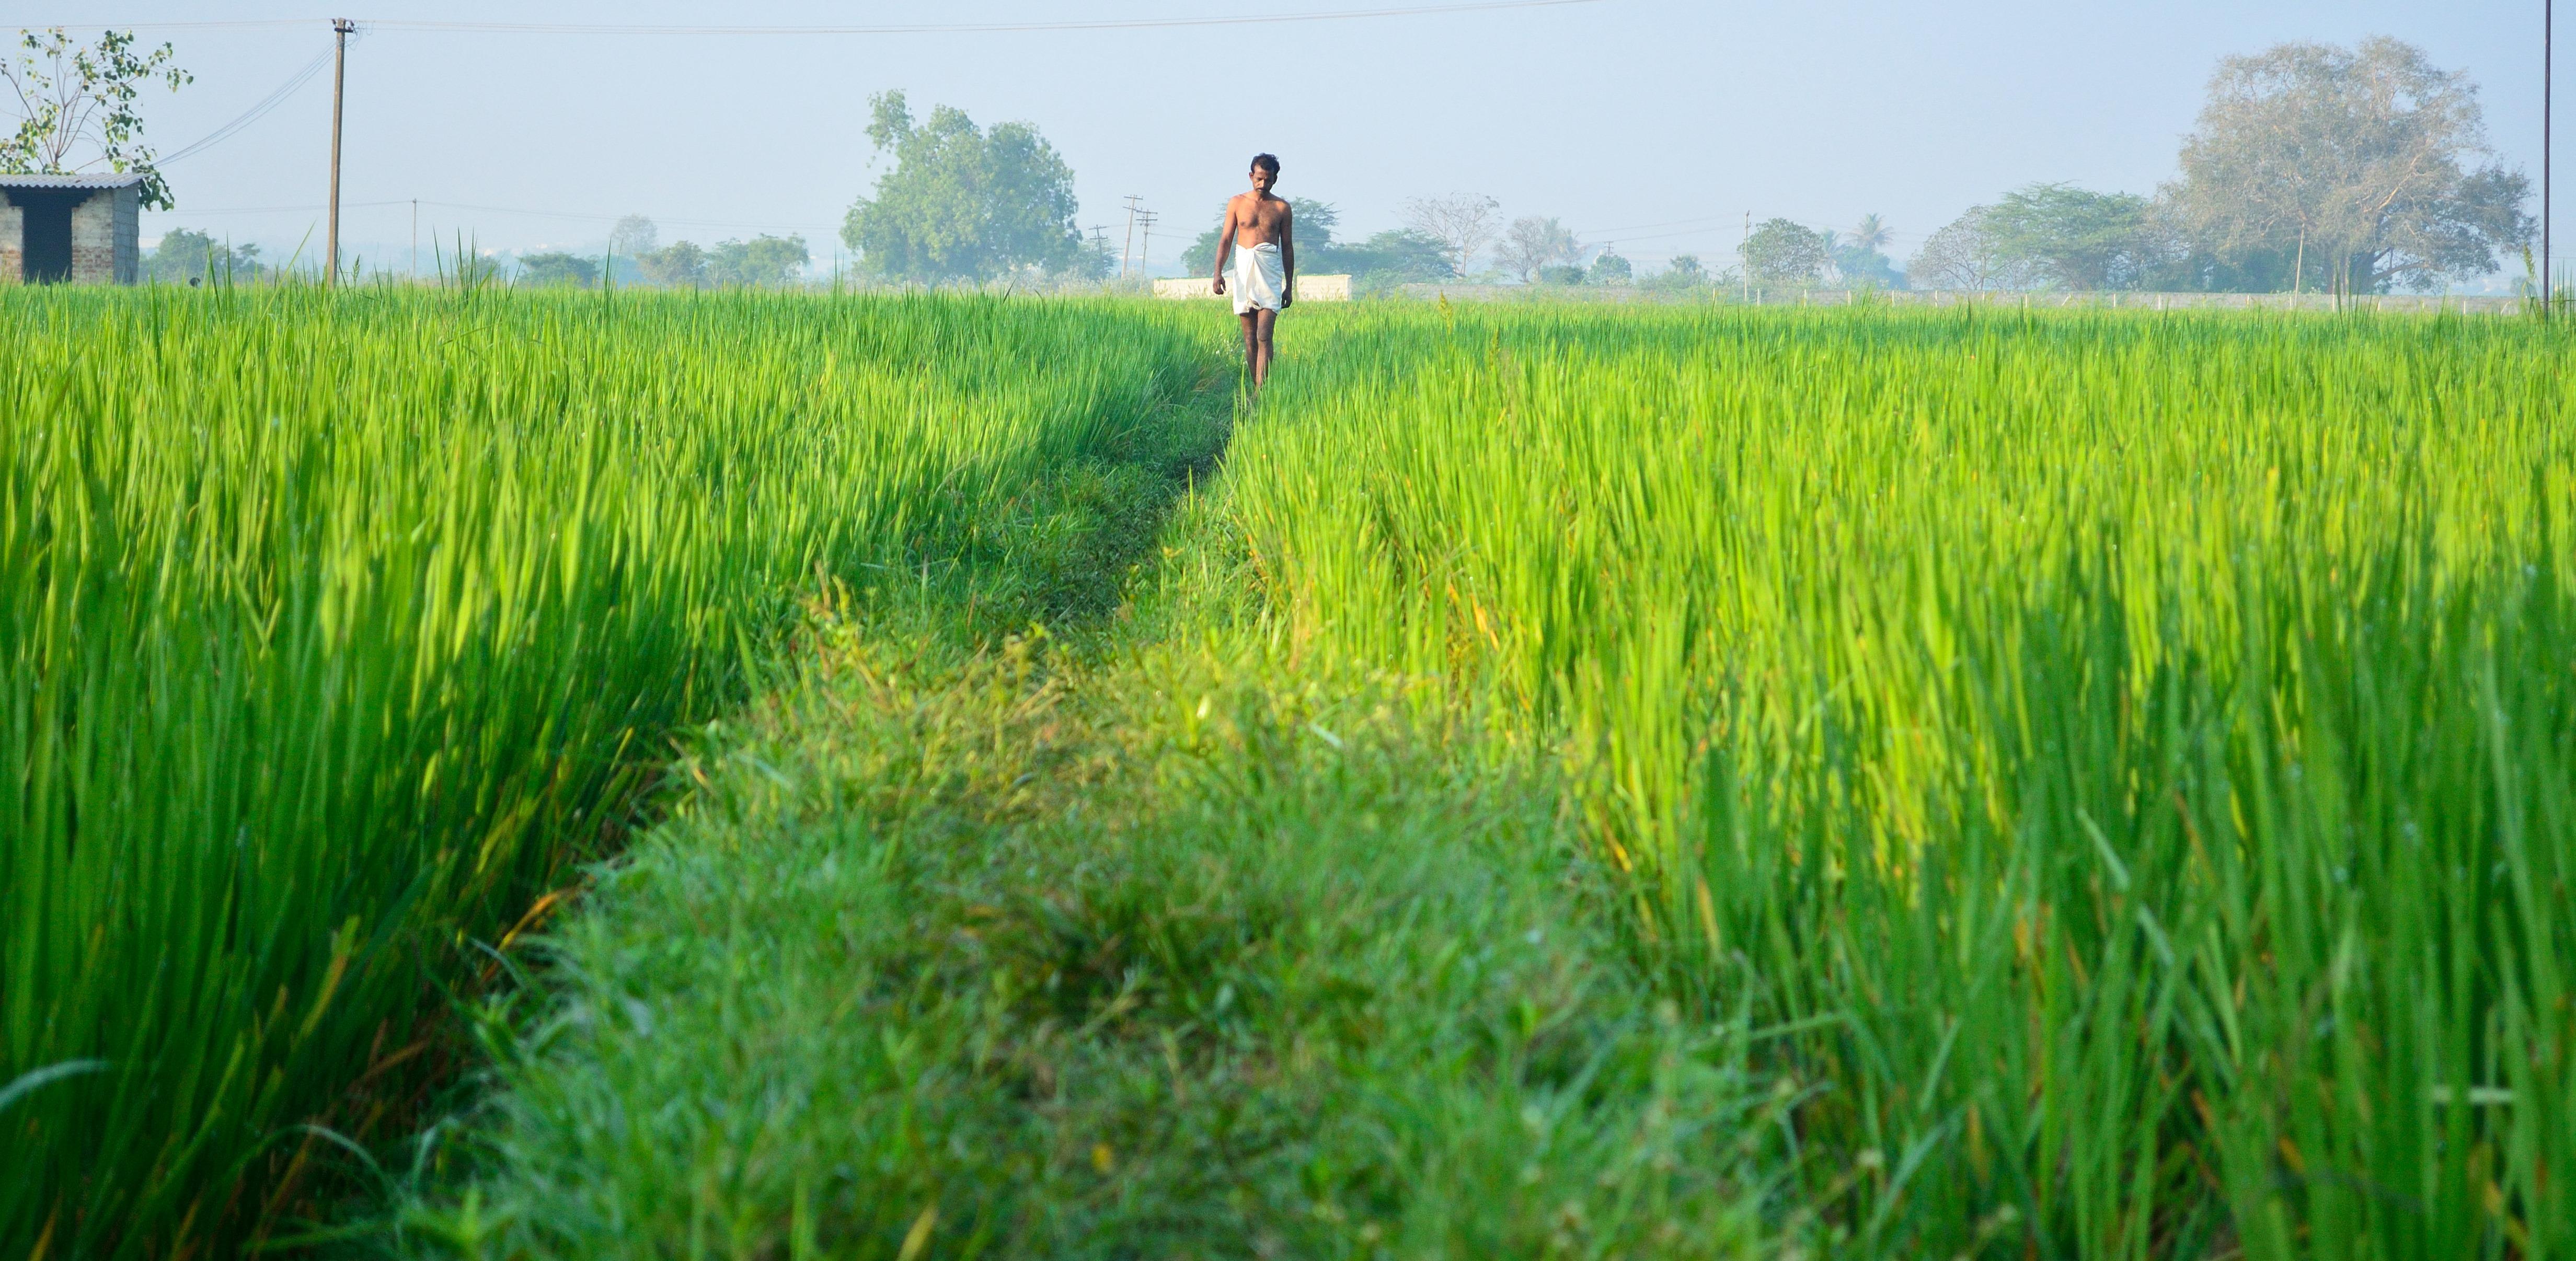 File:Villager walking through a field in Poonamallee, Tamil Nadu jpg